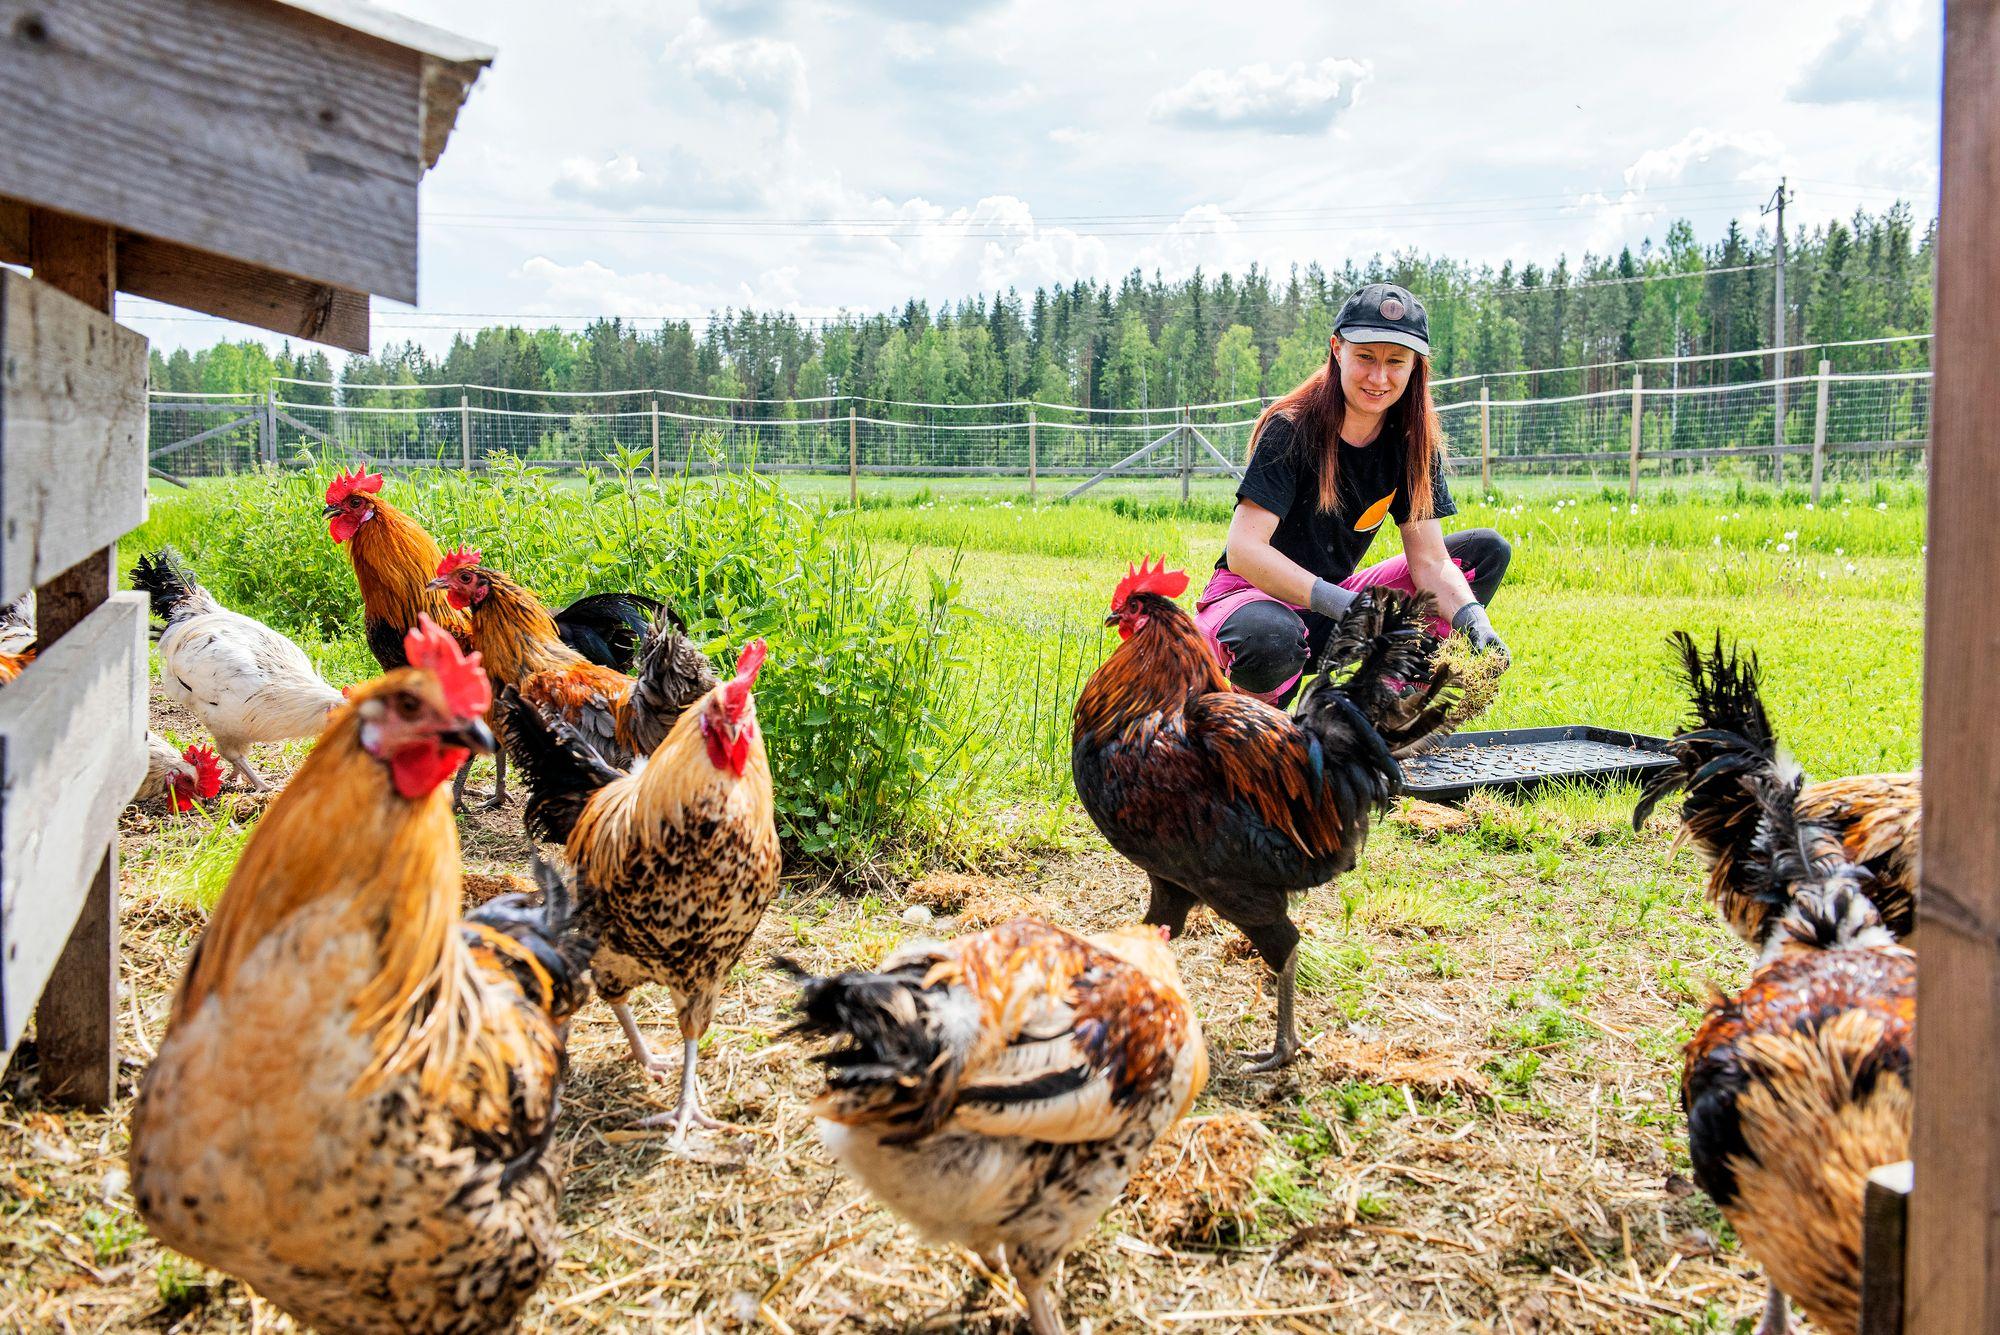 Maatiaiskanoja on Suomessa ehkä 4500. Tehotuotantokoneiksi jalostettuja ulkomaisia munakanoja on neljä miljoonaa, broilereita kymmeniä miljoonia. © Vesa Tyni